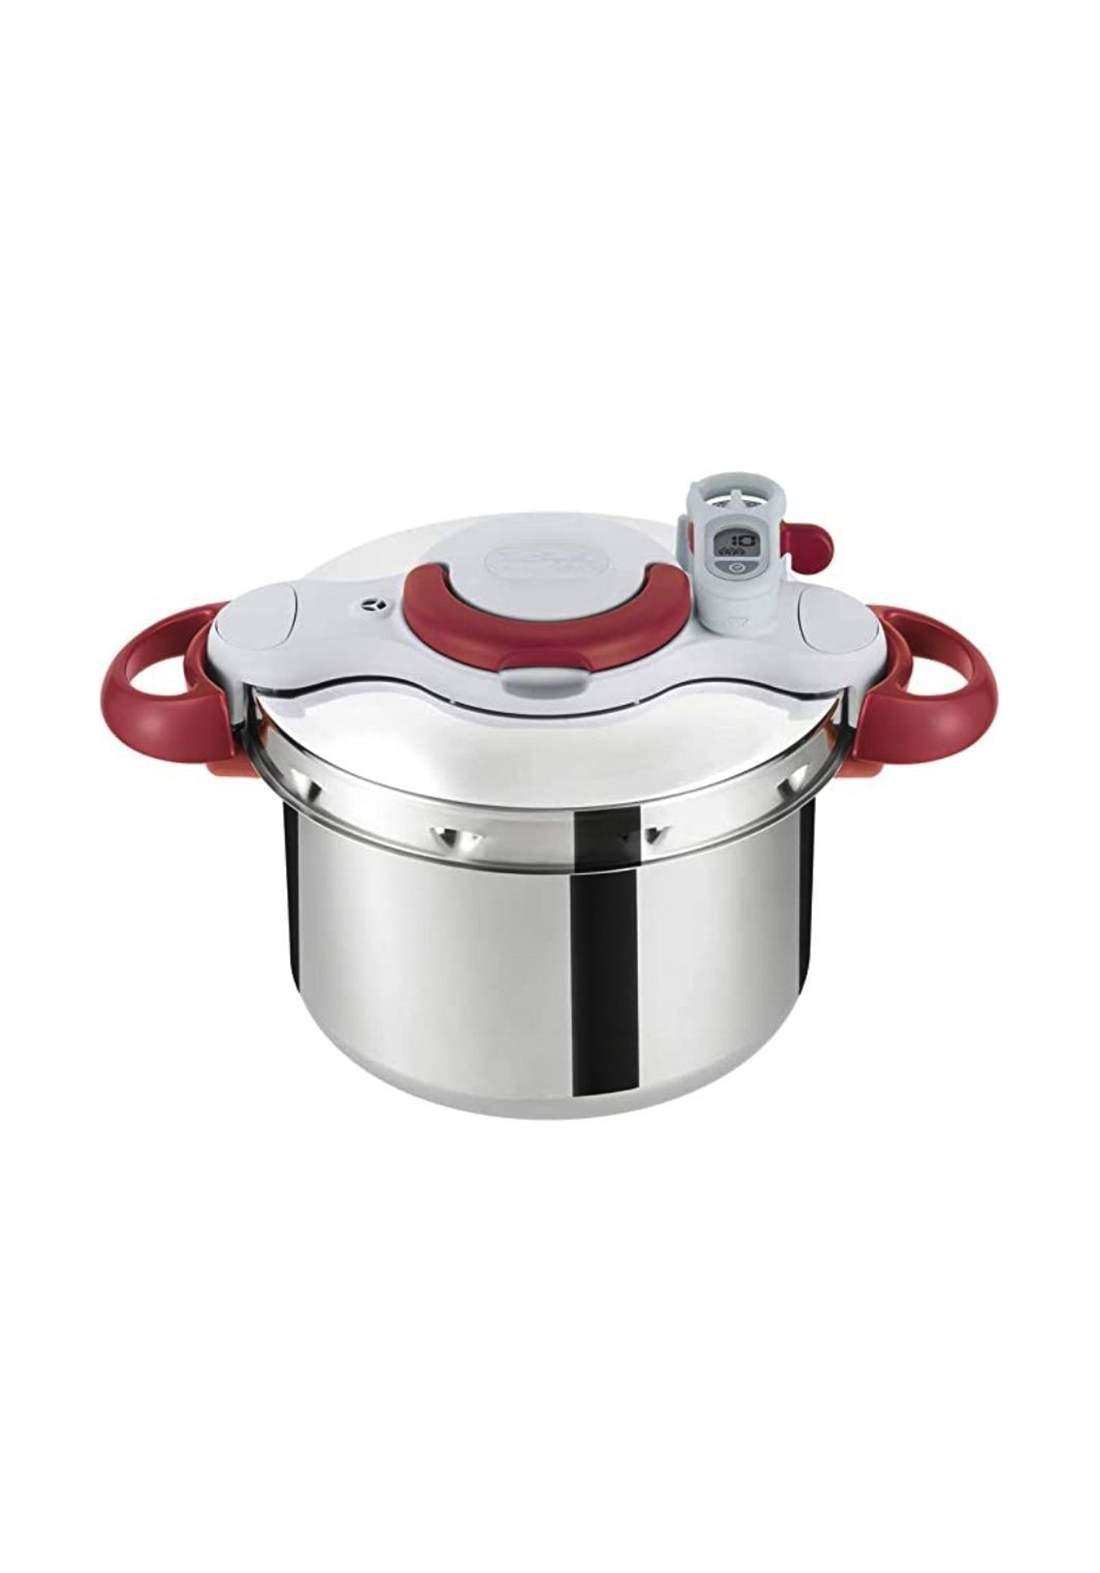 Tefal P4620731 Clipso Perfect  Pressure Cooker 6L قدر ضغط